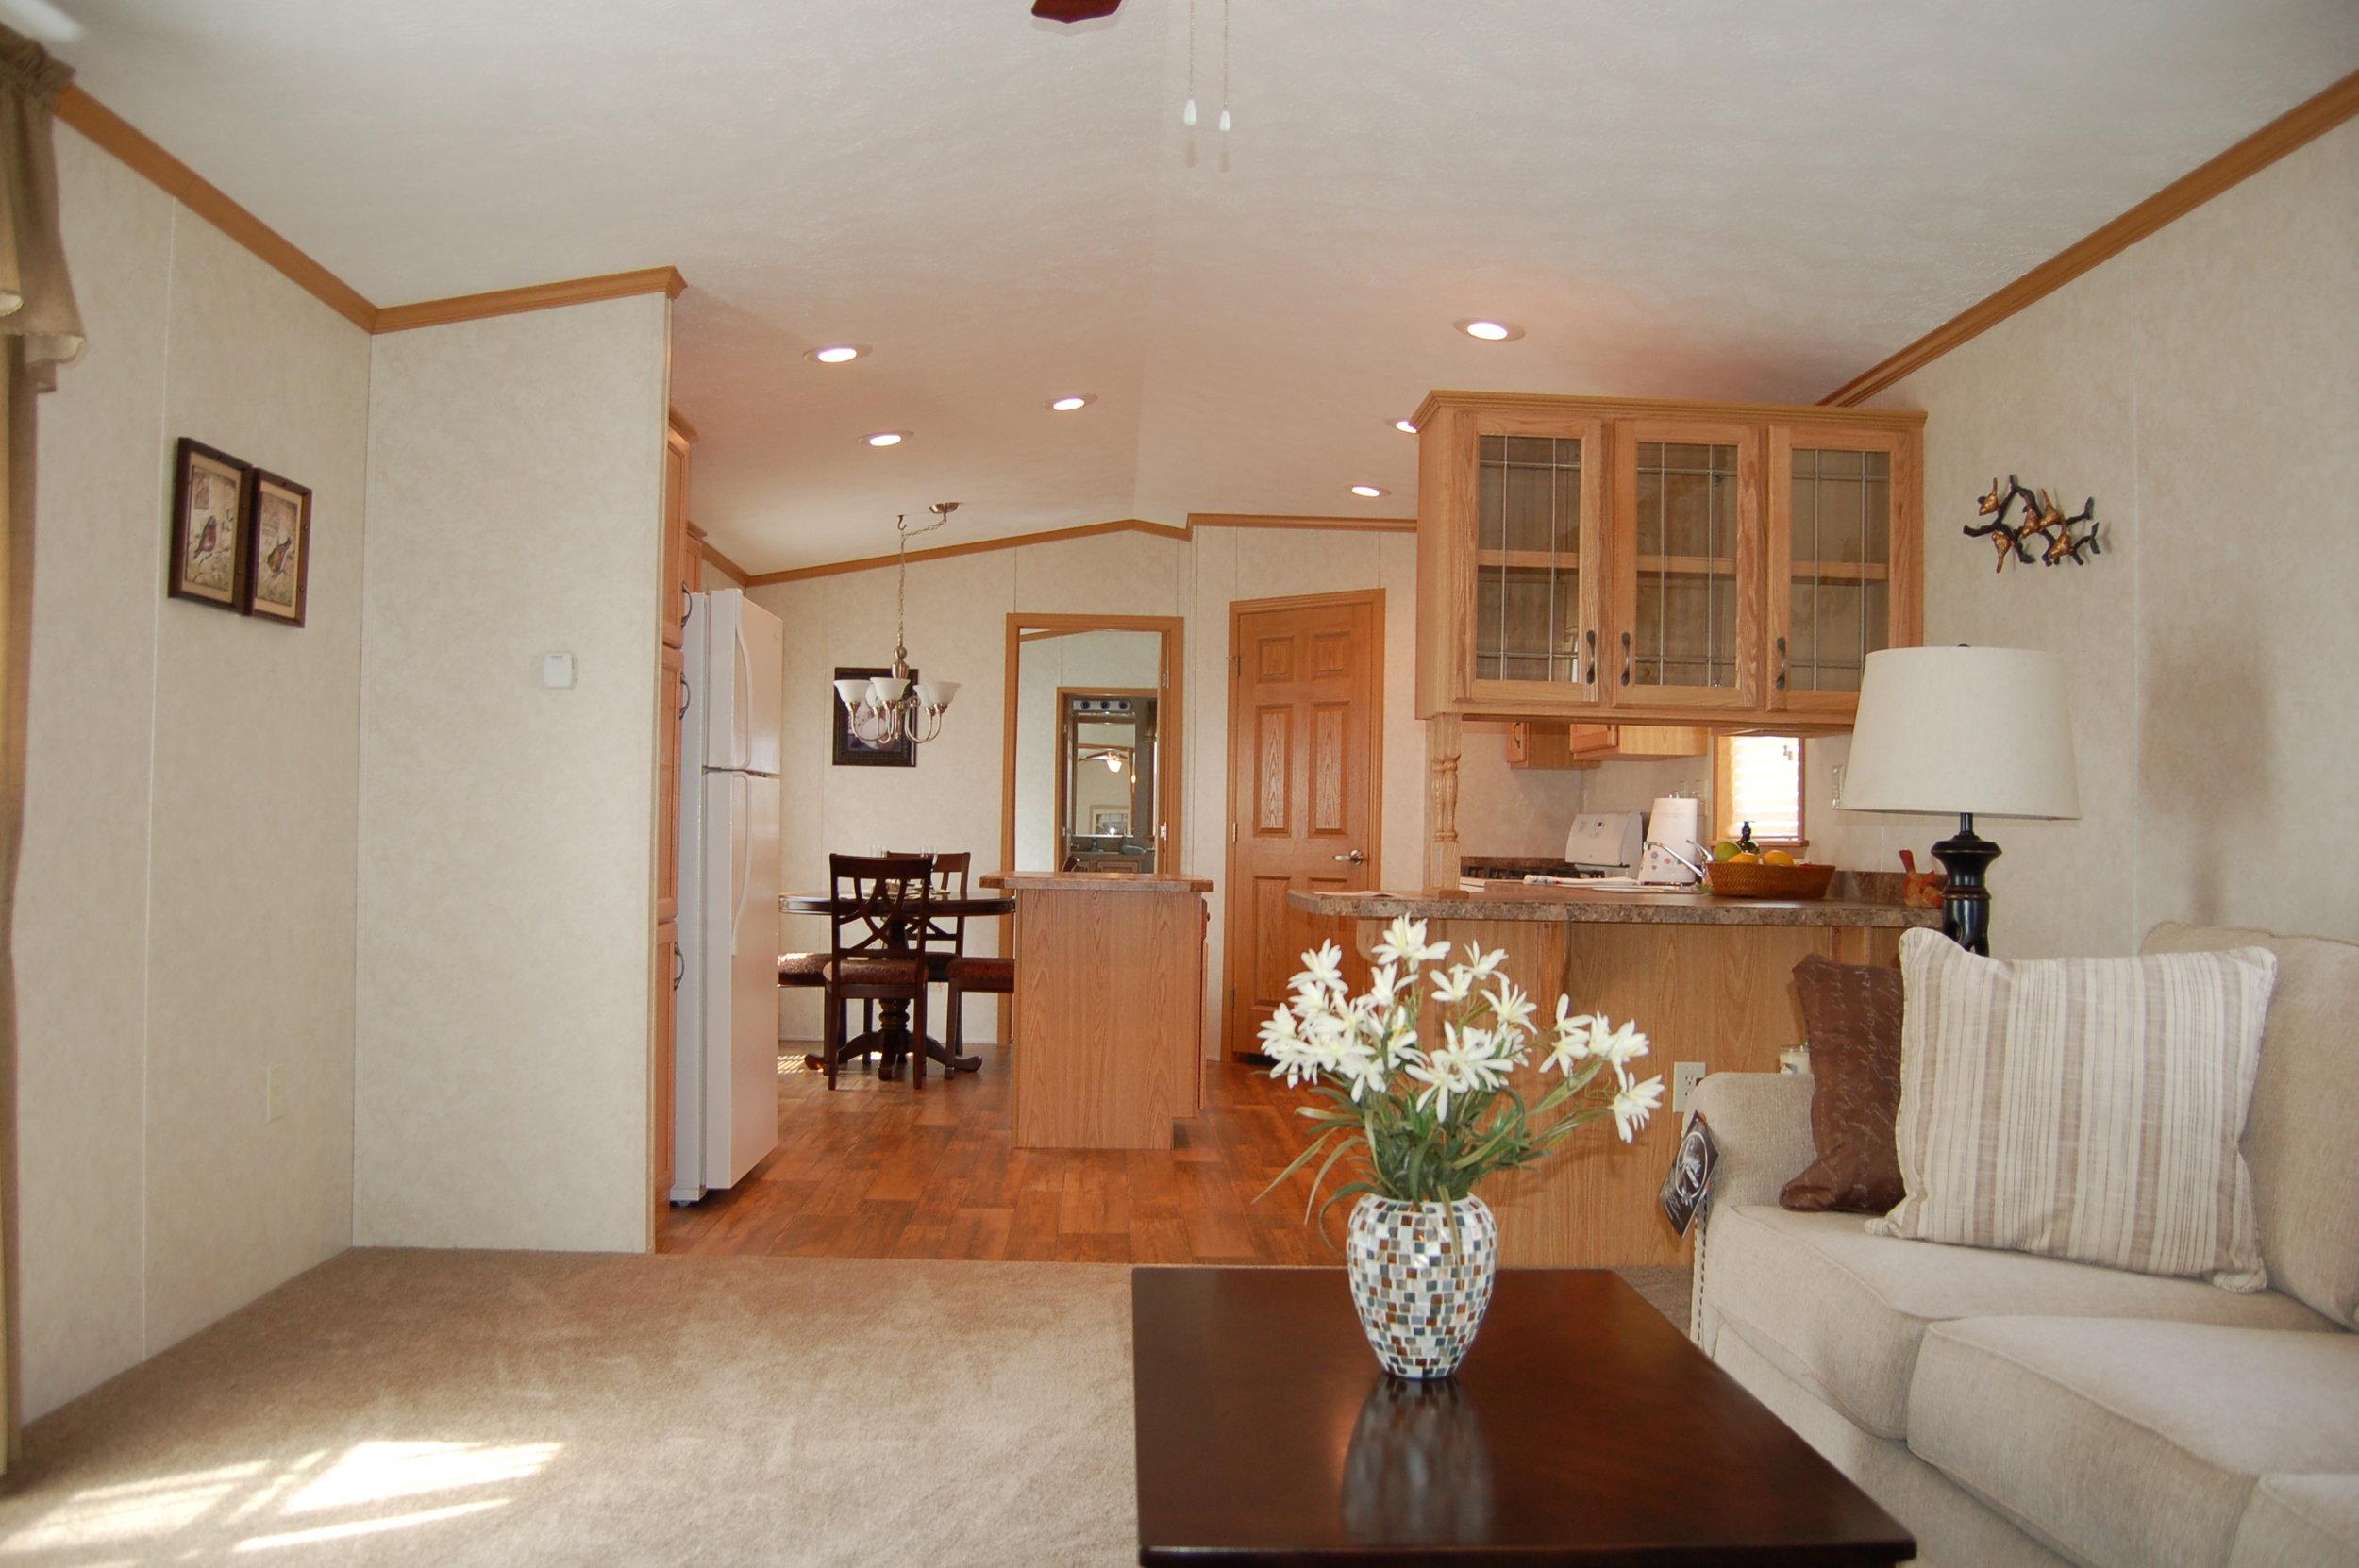 GH-577 Living Room Kitchen.JPG